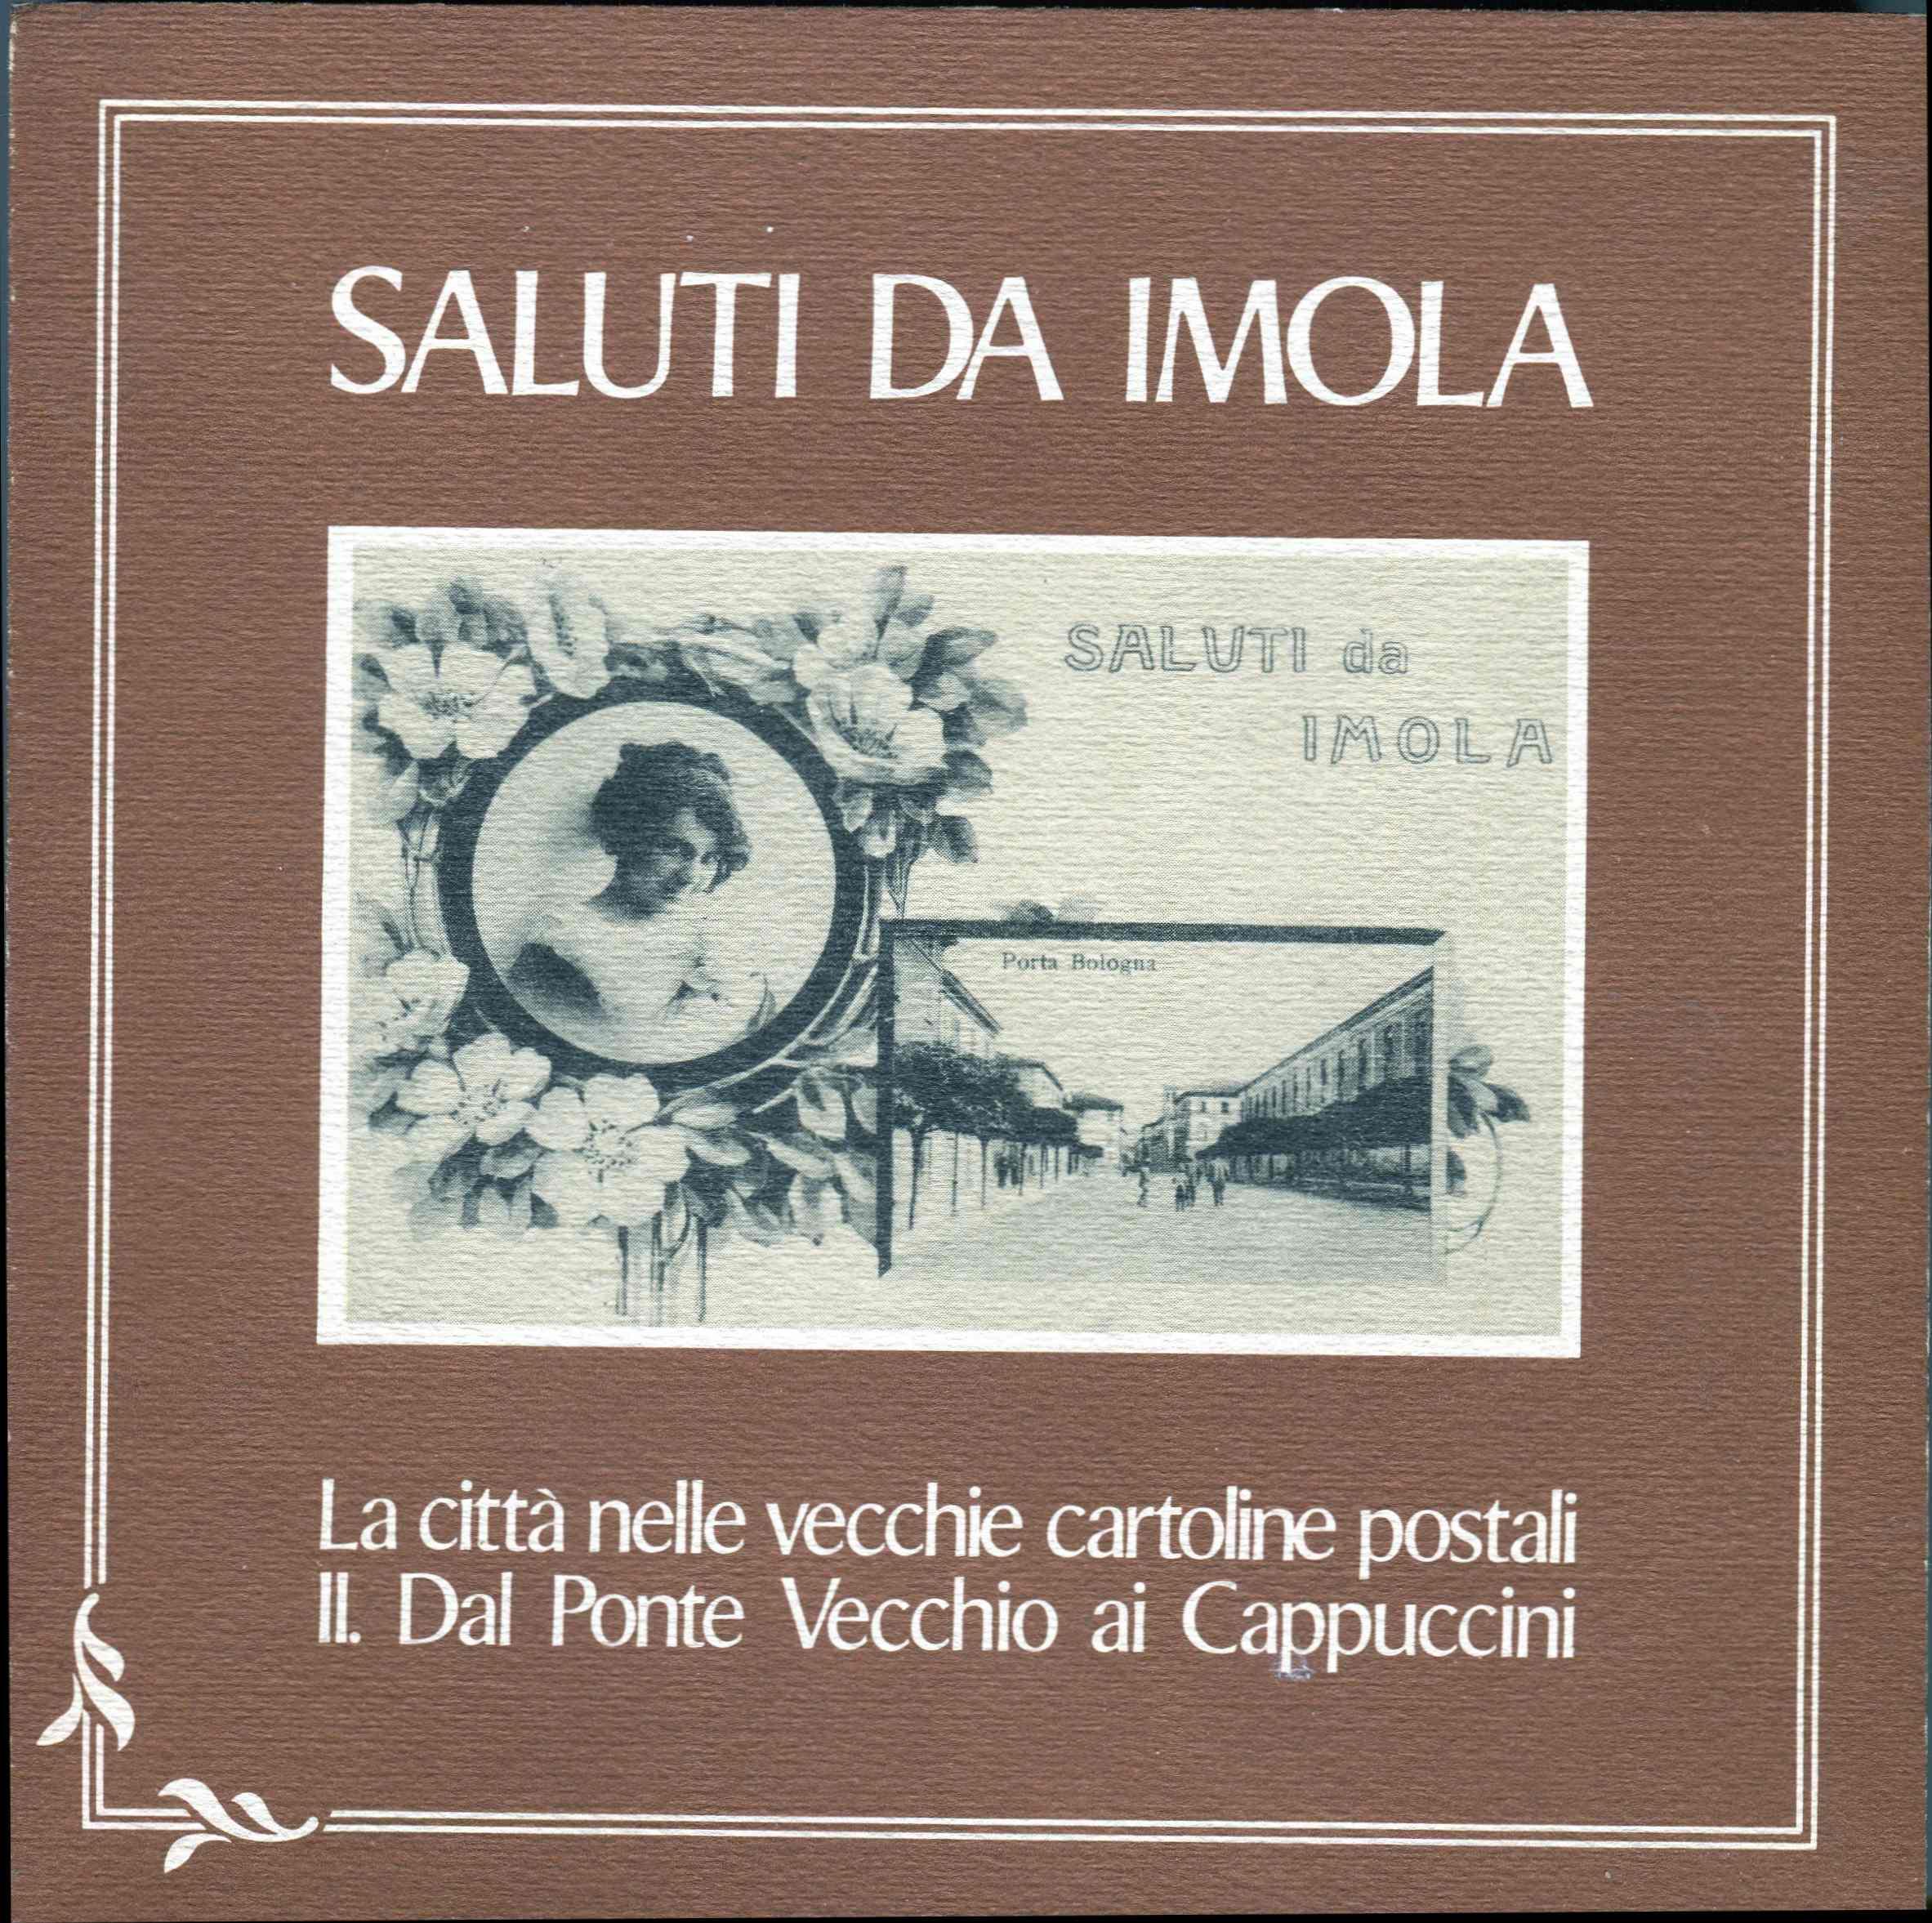 Saluti da Imola: La città nelle vecchie cartoline postali